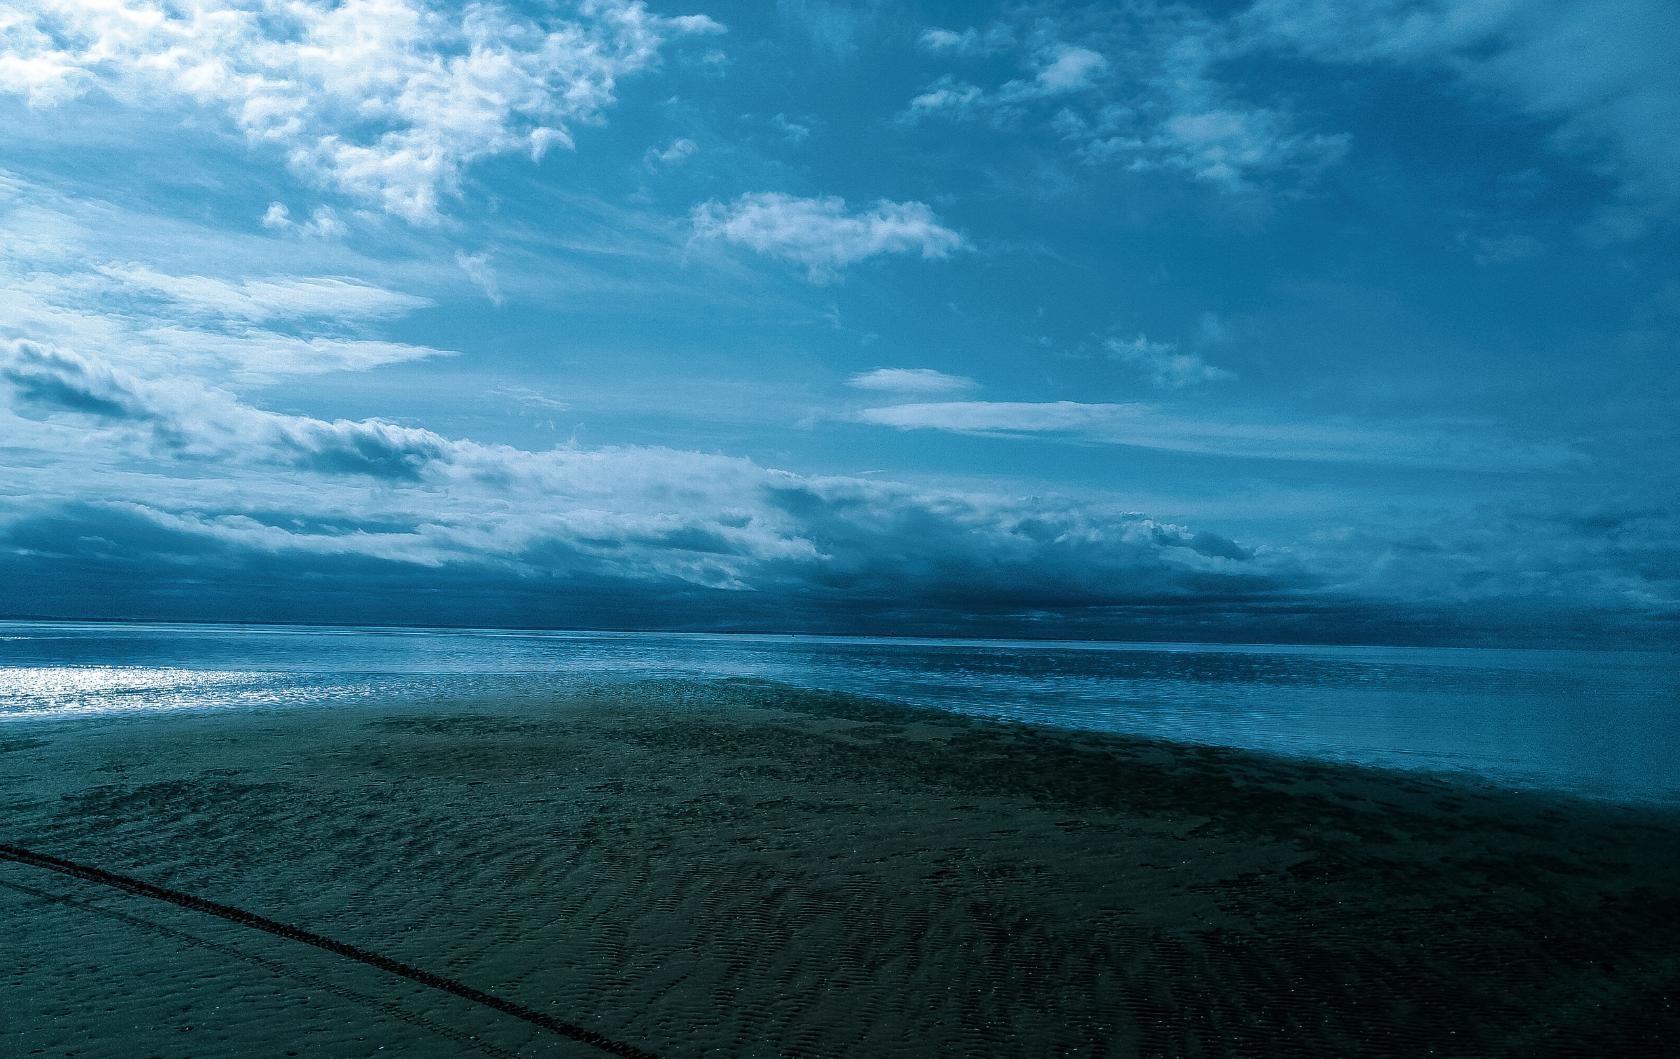 die Ebbe und Flut des Weißen Meeres.